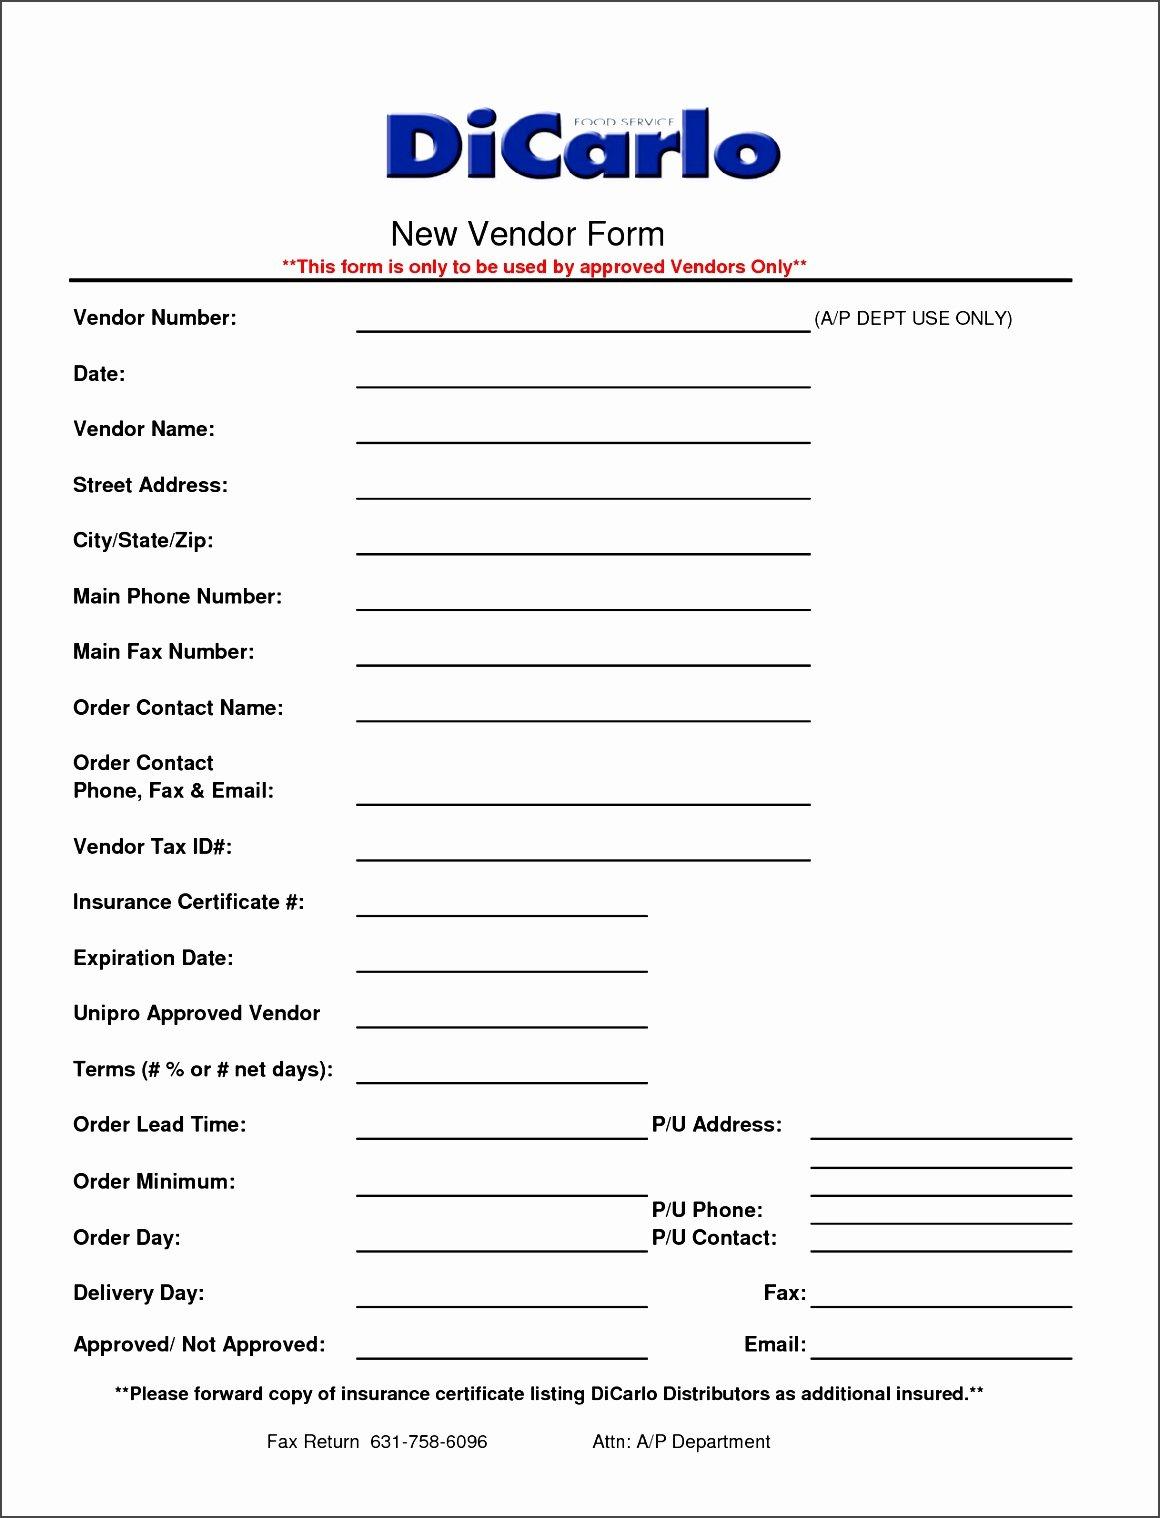 New Vendor Information form Template Elegant Supplier Information form Template Yenef Luxury Best S